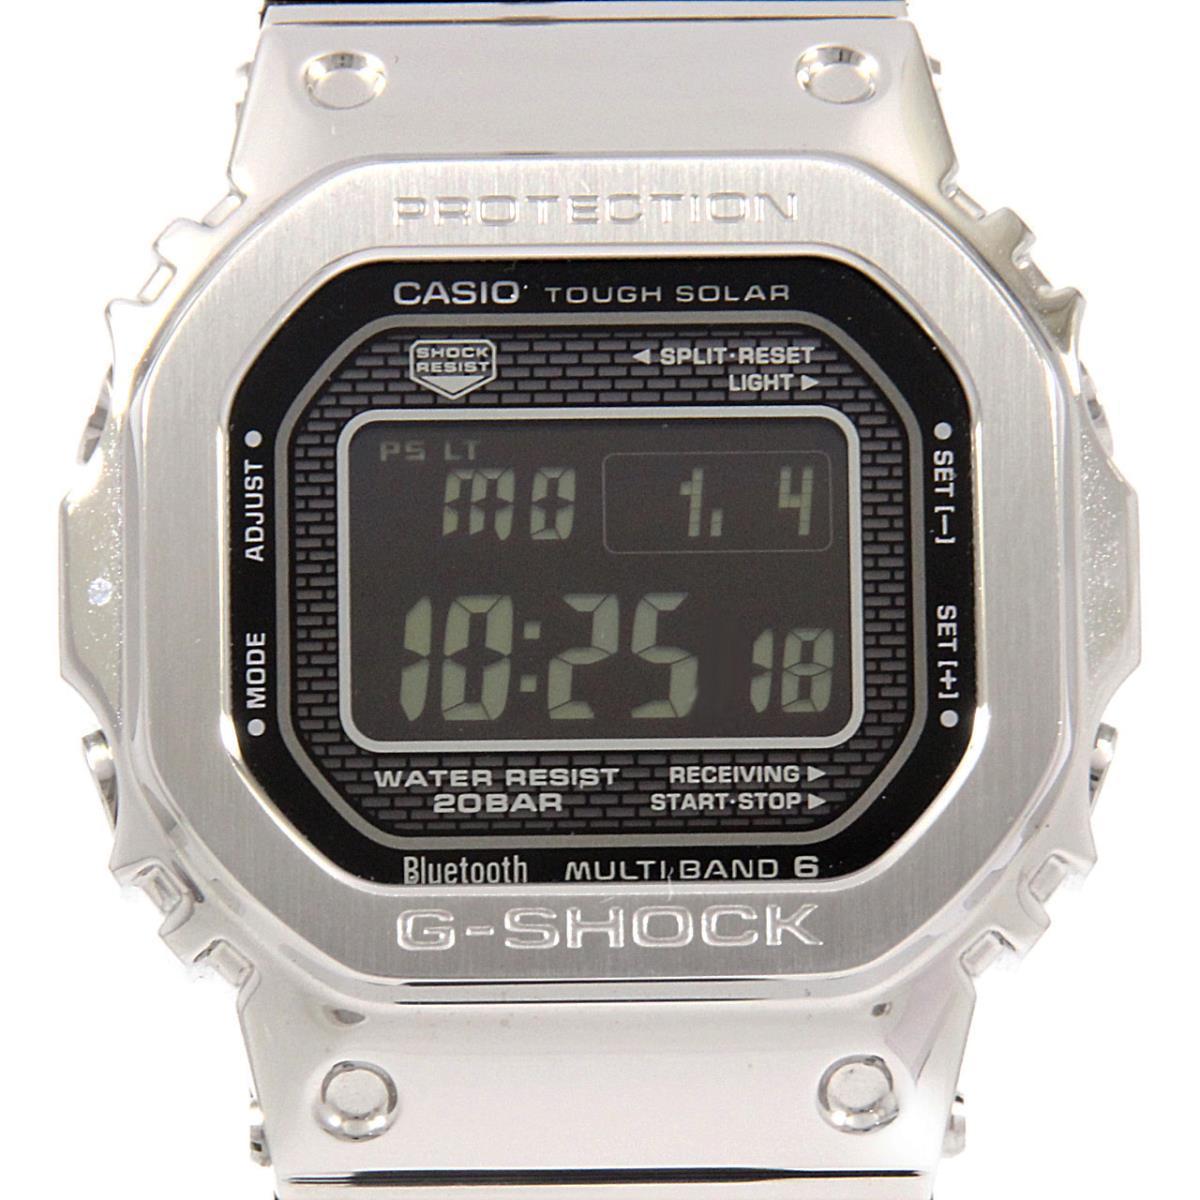 カシオ GMW-B5000-1JF G-SHOCK ソーラークォーツ